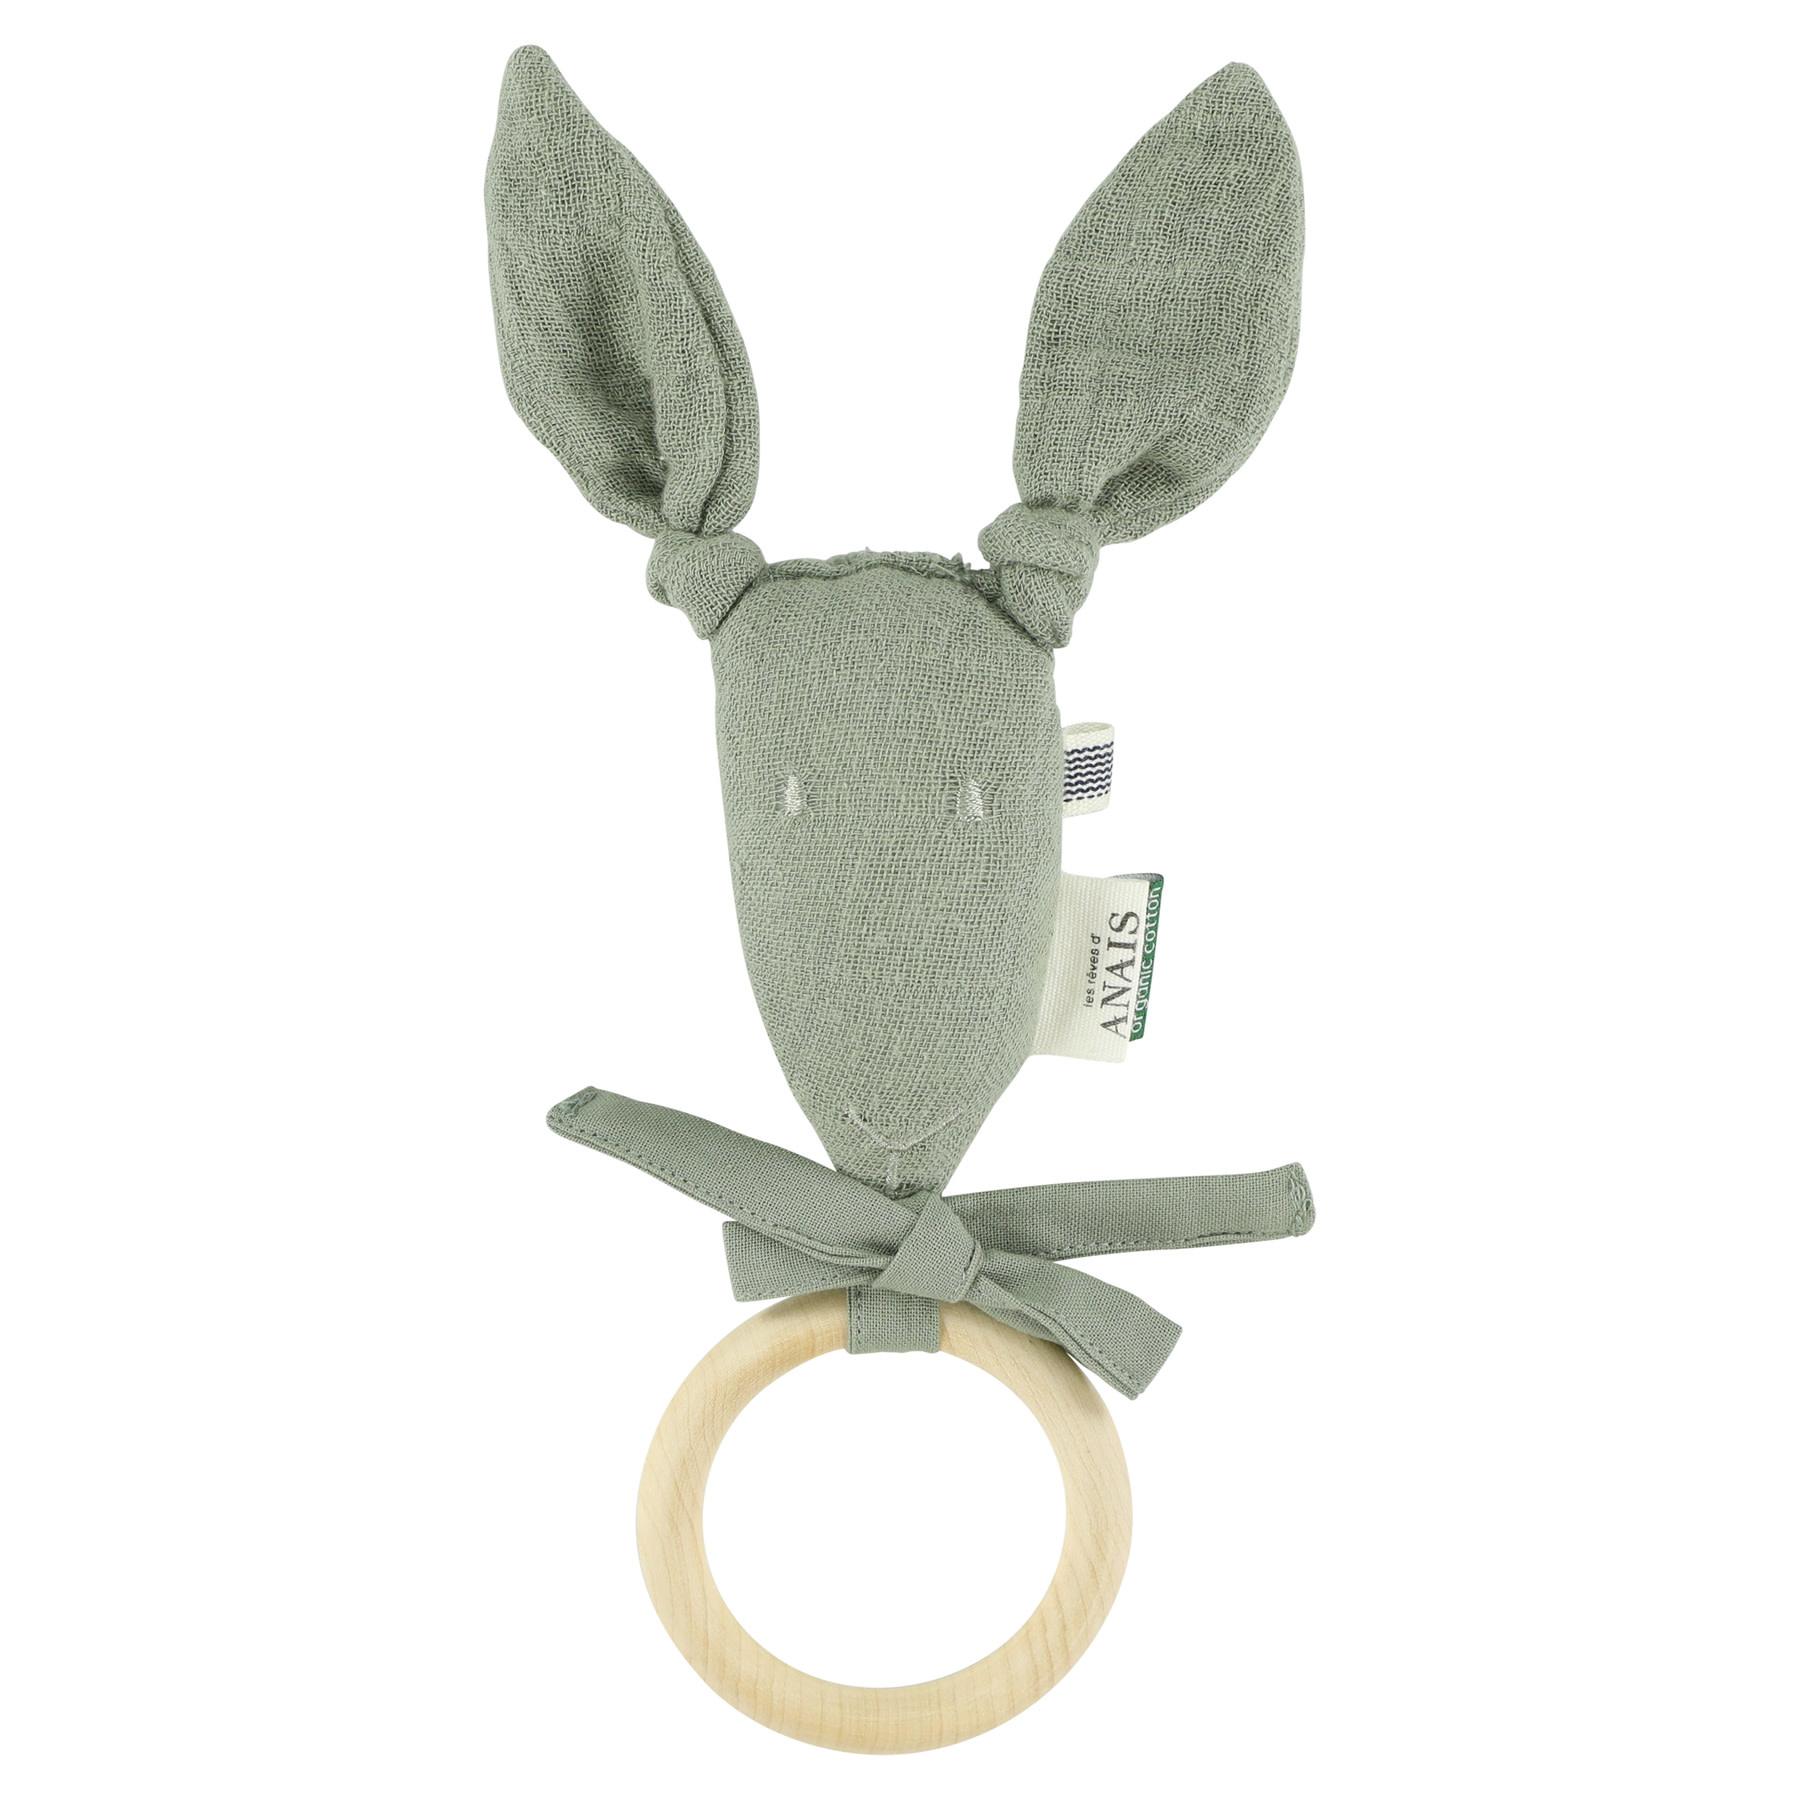 Bijtring kangoeroe bliss olive-1